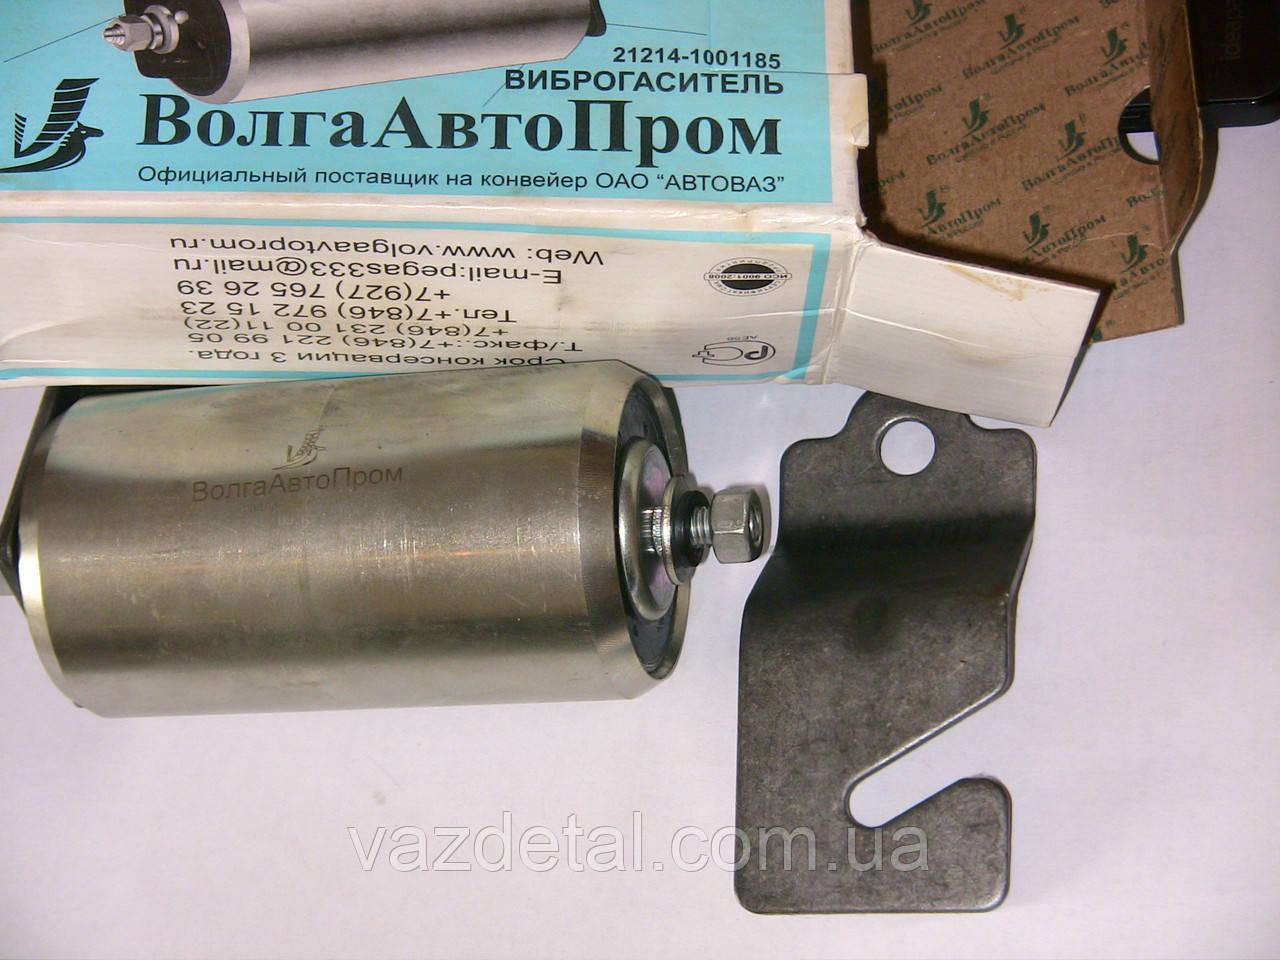 Виброгаситель нива тайга ВАЗ-21214 в сб.+крепеж ВолгаАвтоПром